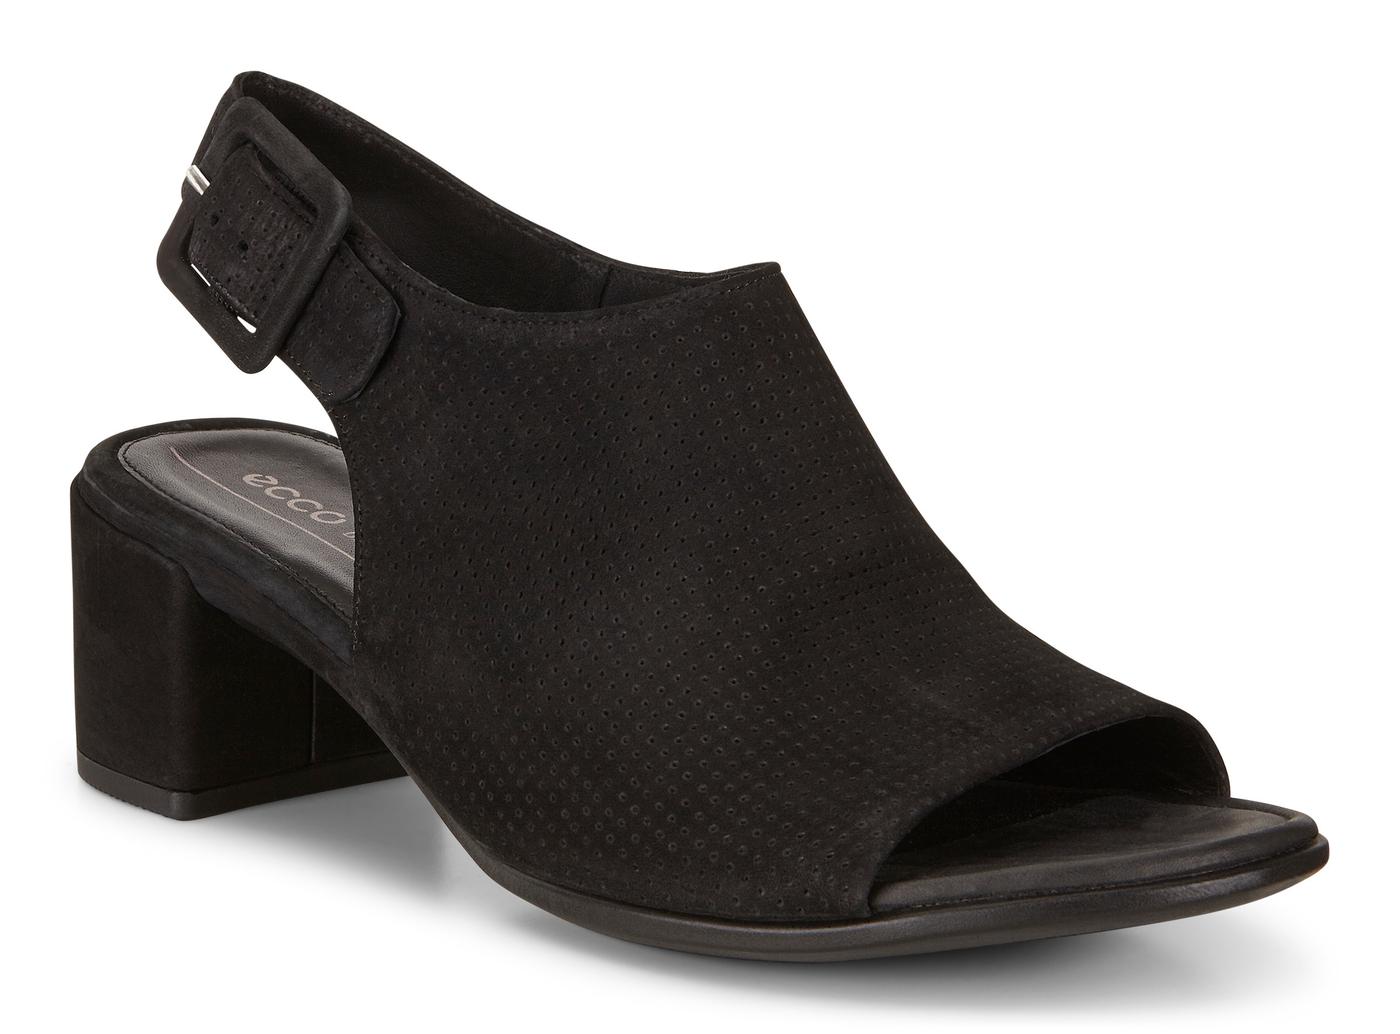 Sandale compacte ECCO Shape 35 Slingback